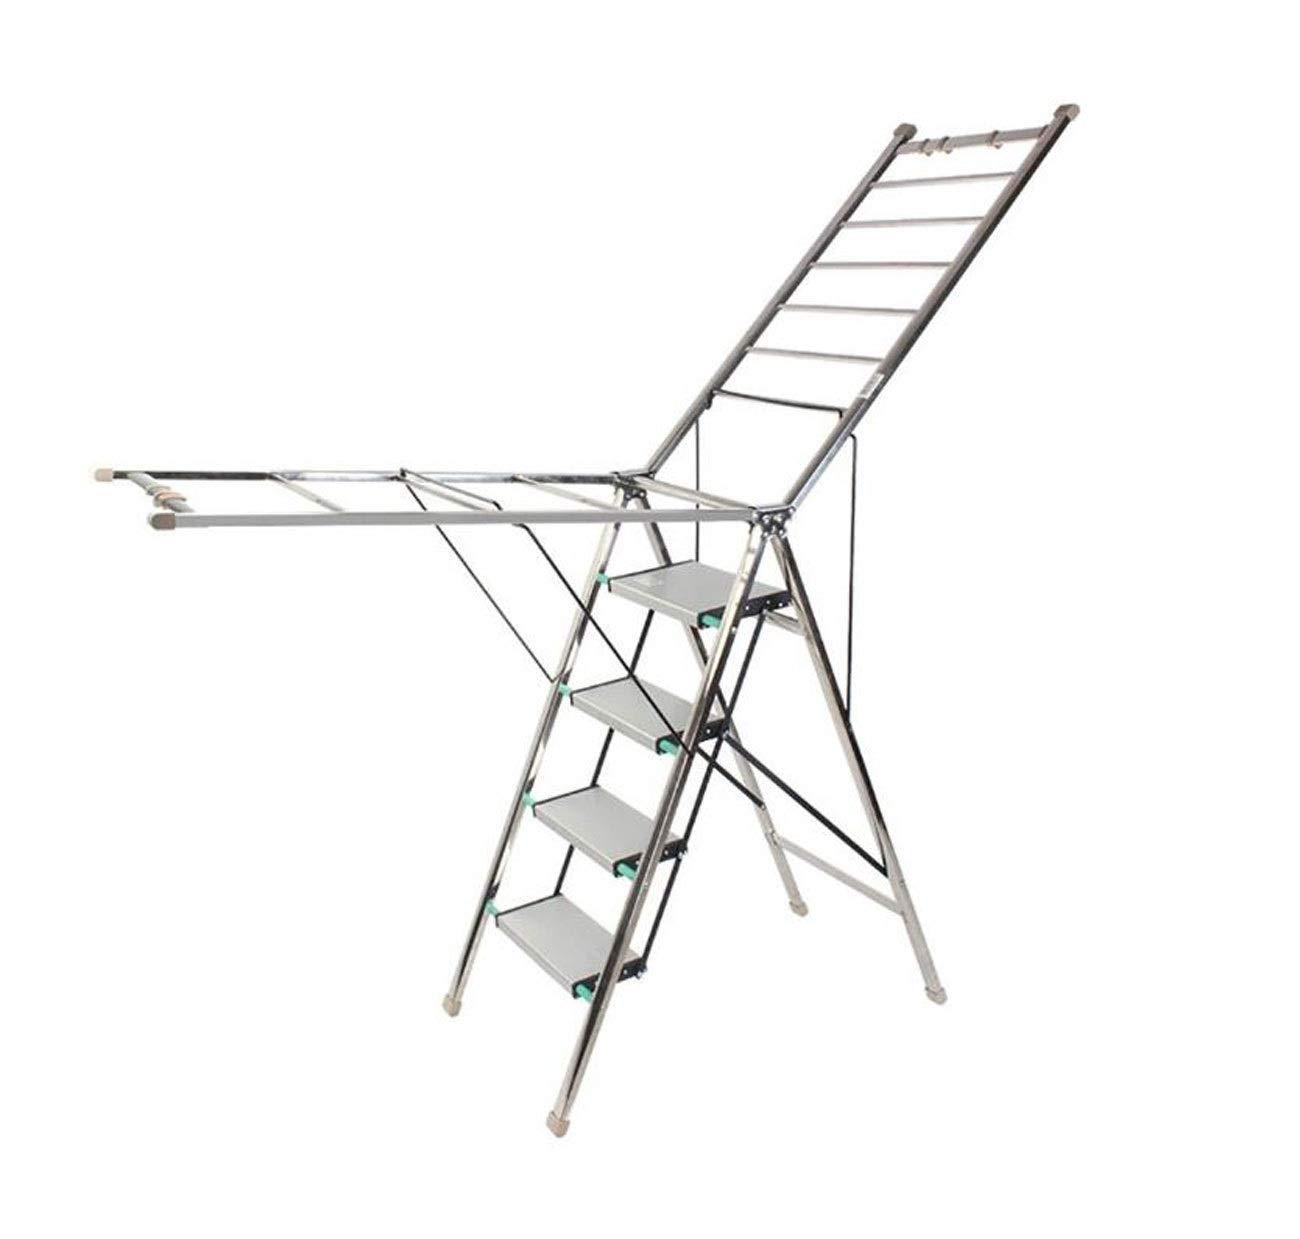 乾燥ラック、肥厚多機能家庭用はしご乾燥ラック兼用ステンレス鋼バルコニー床折りたたみ翼屋内と屋外 B07RPY1LSG